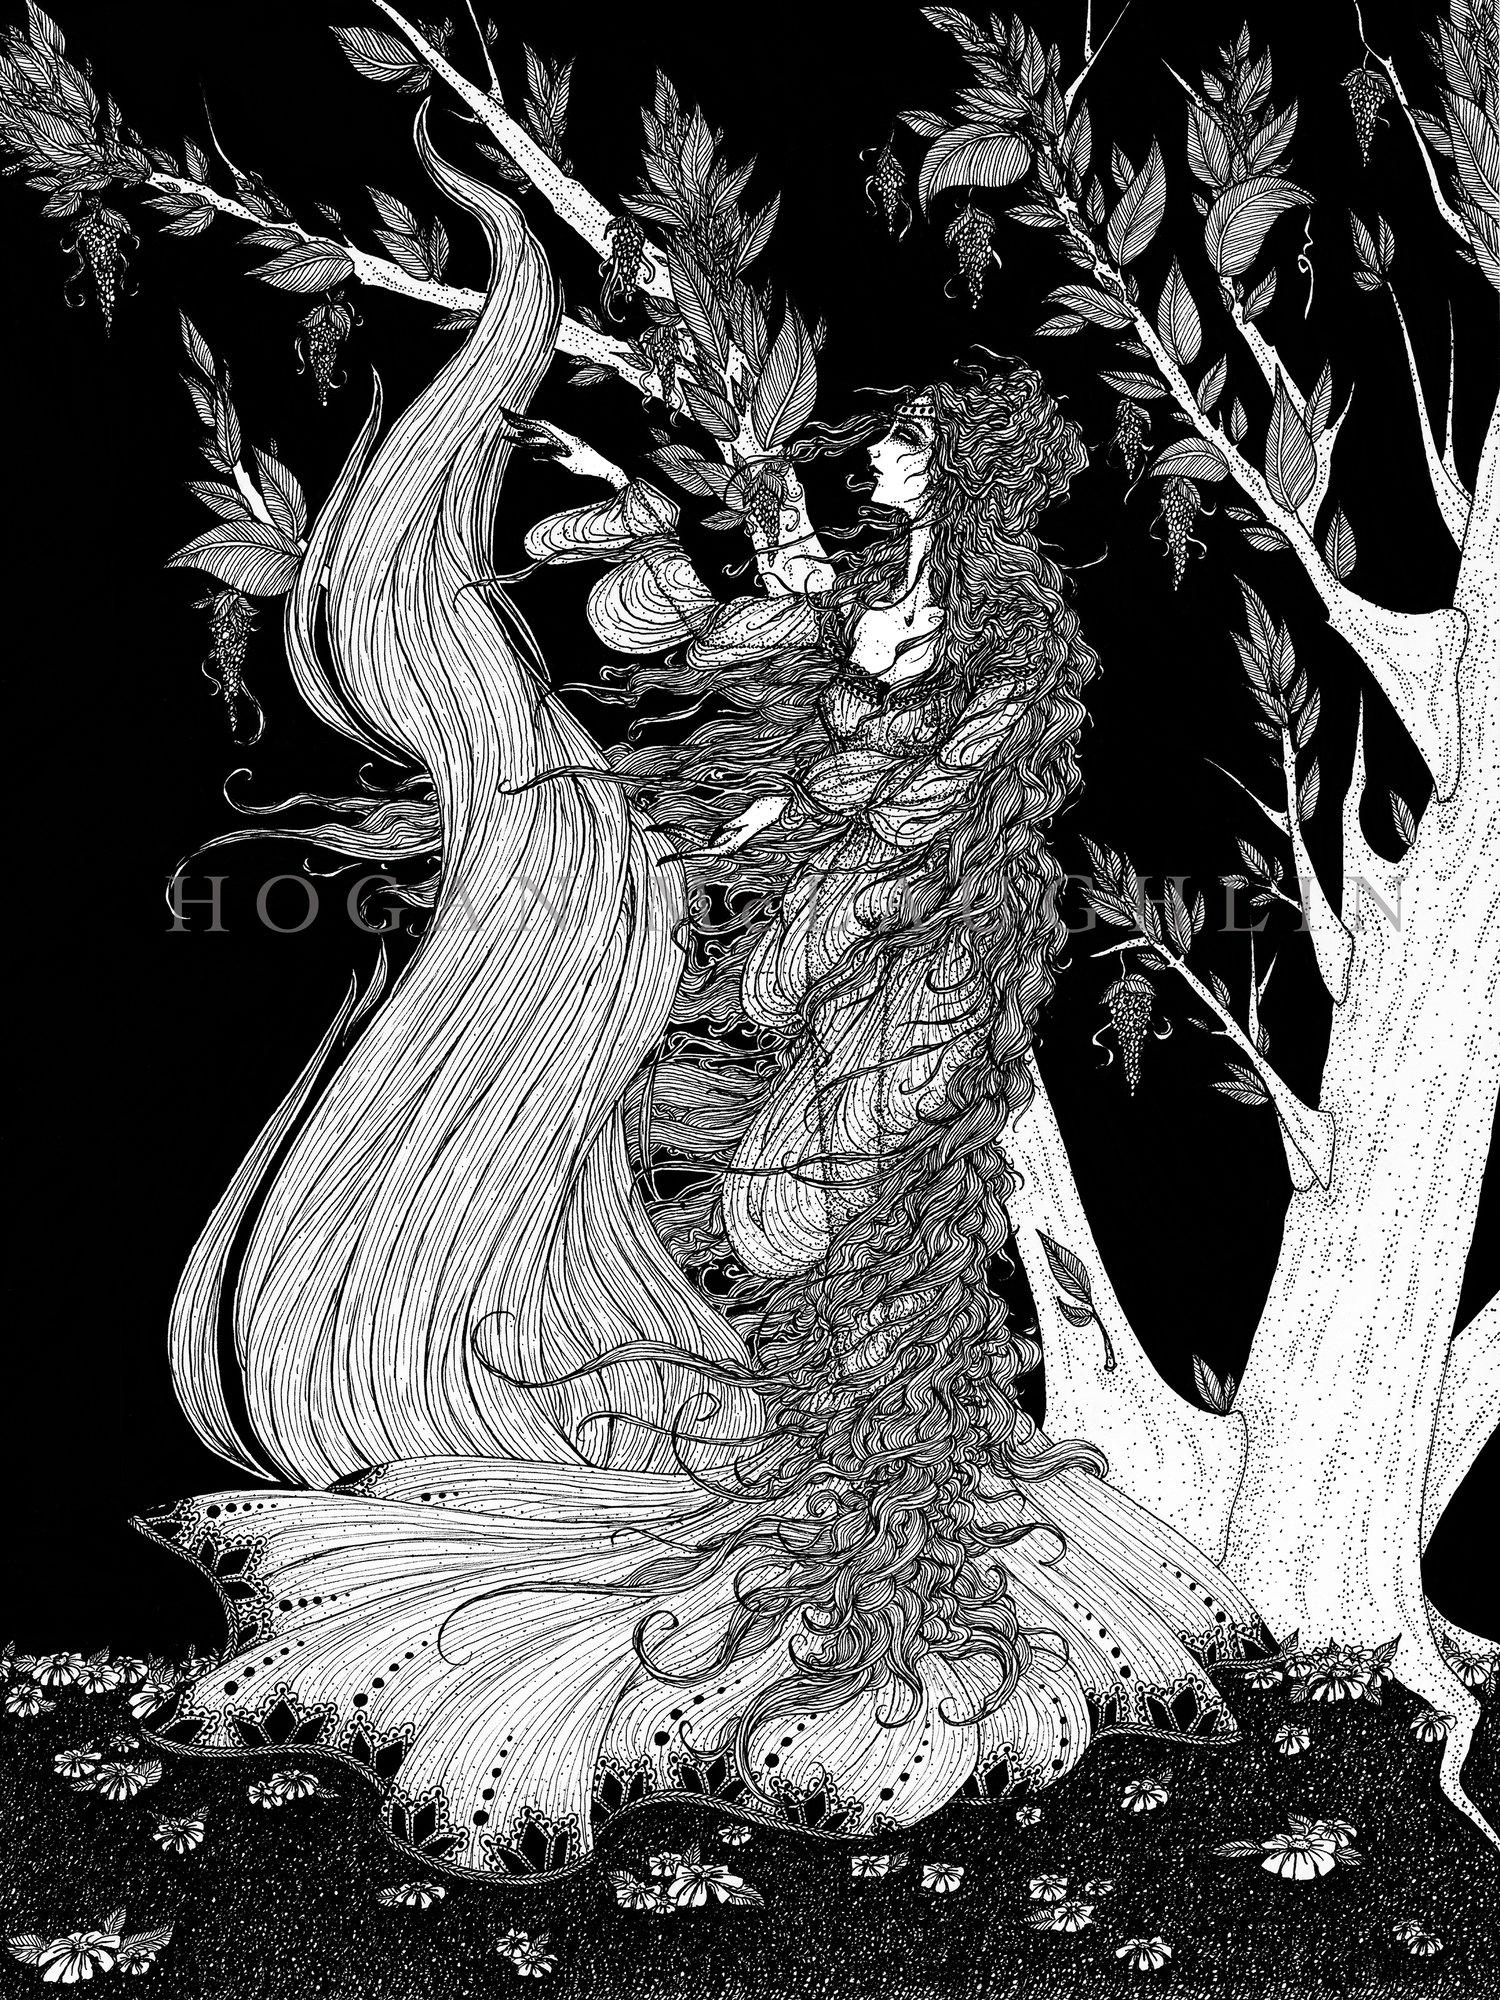 Image of The Incantation of Morgan Le Fay